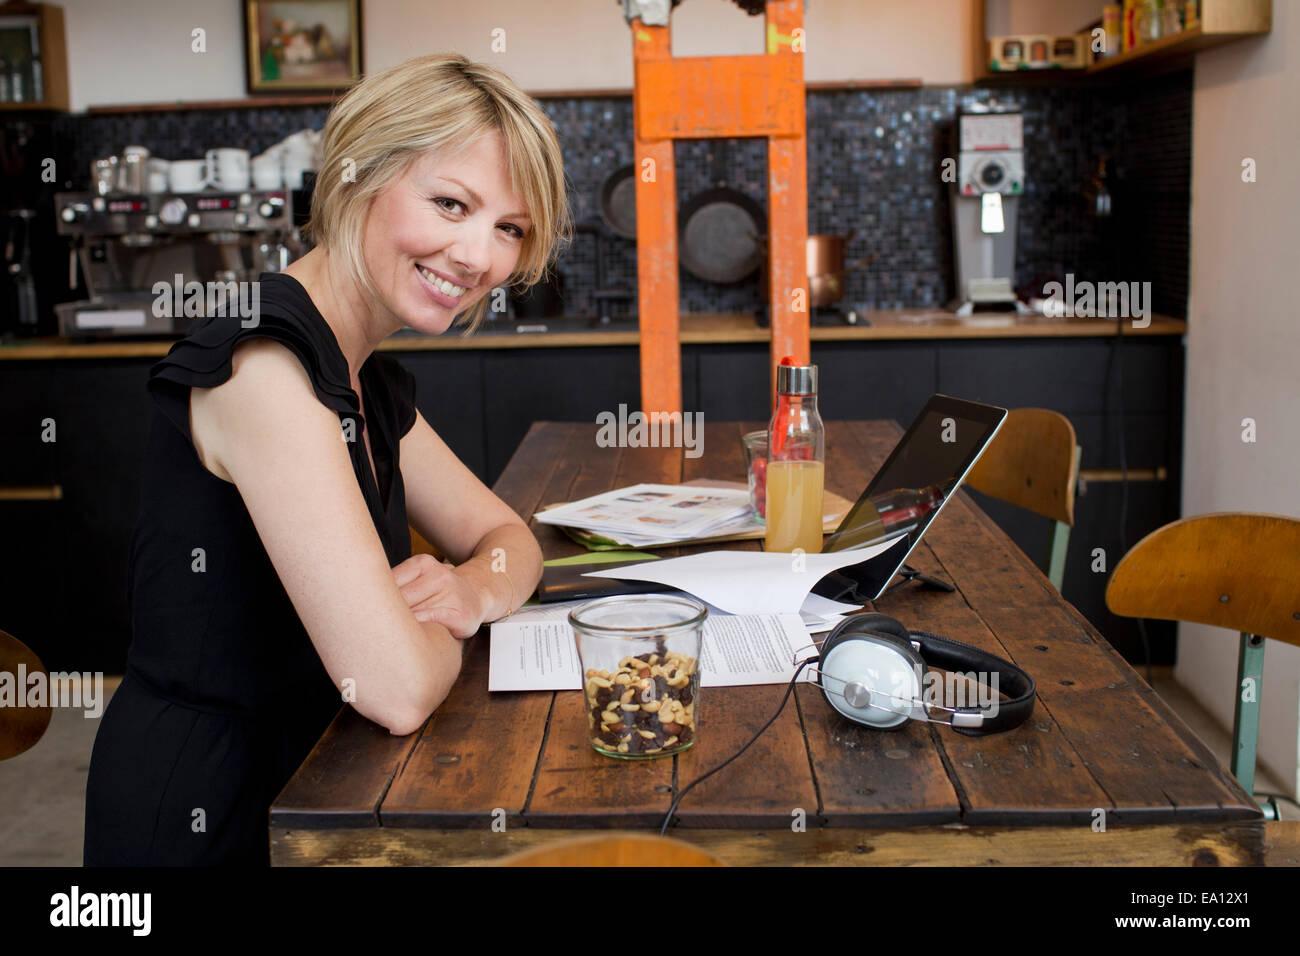 Metà donna adulta in cafe con documenti cartacei Immagini Stock